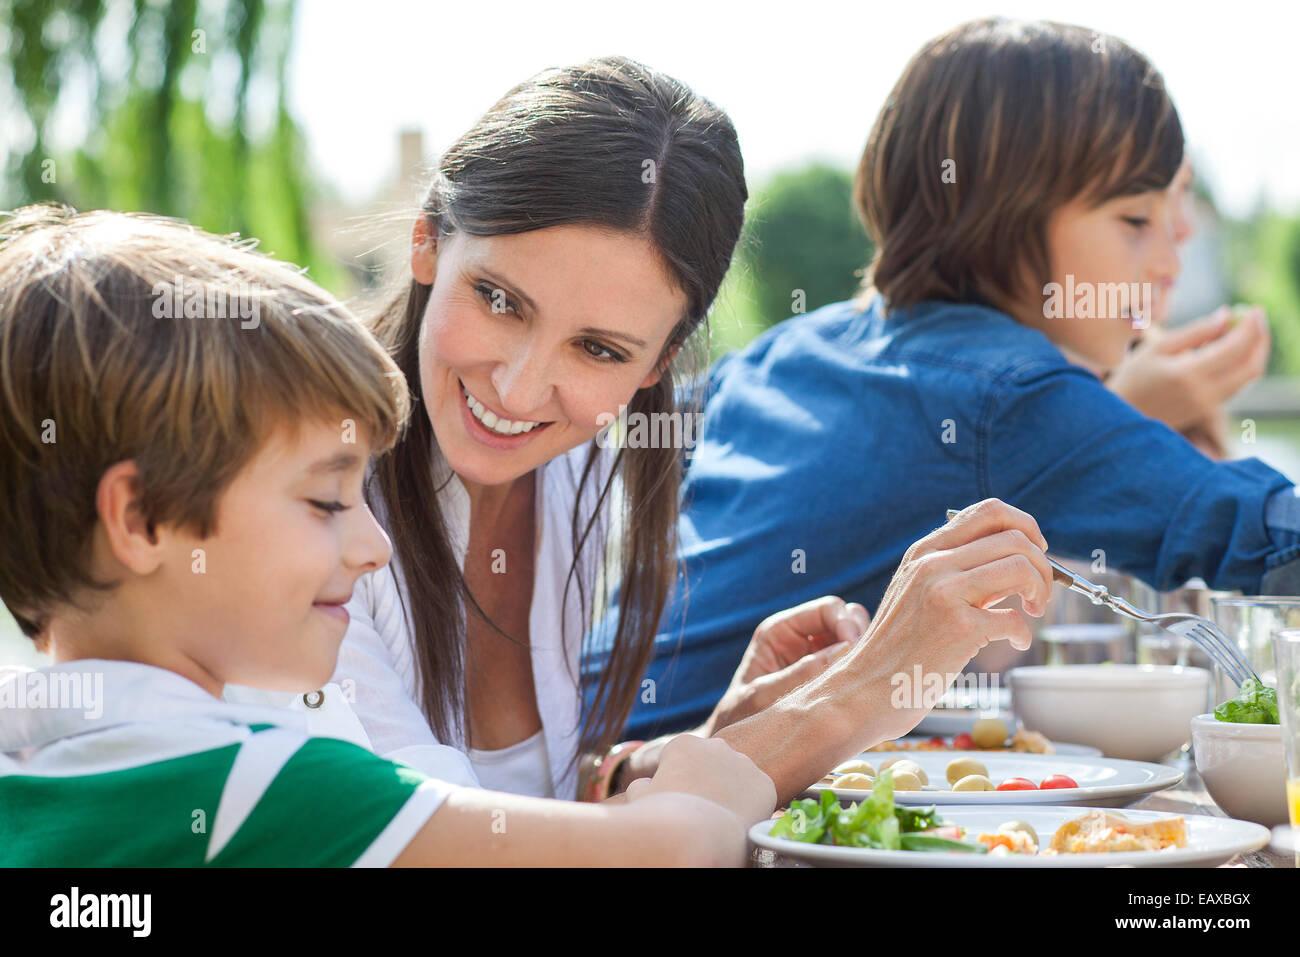 Famiglia godendo di un sano pasto all'aperto Immagini Stock